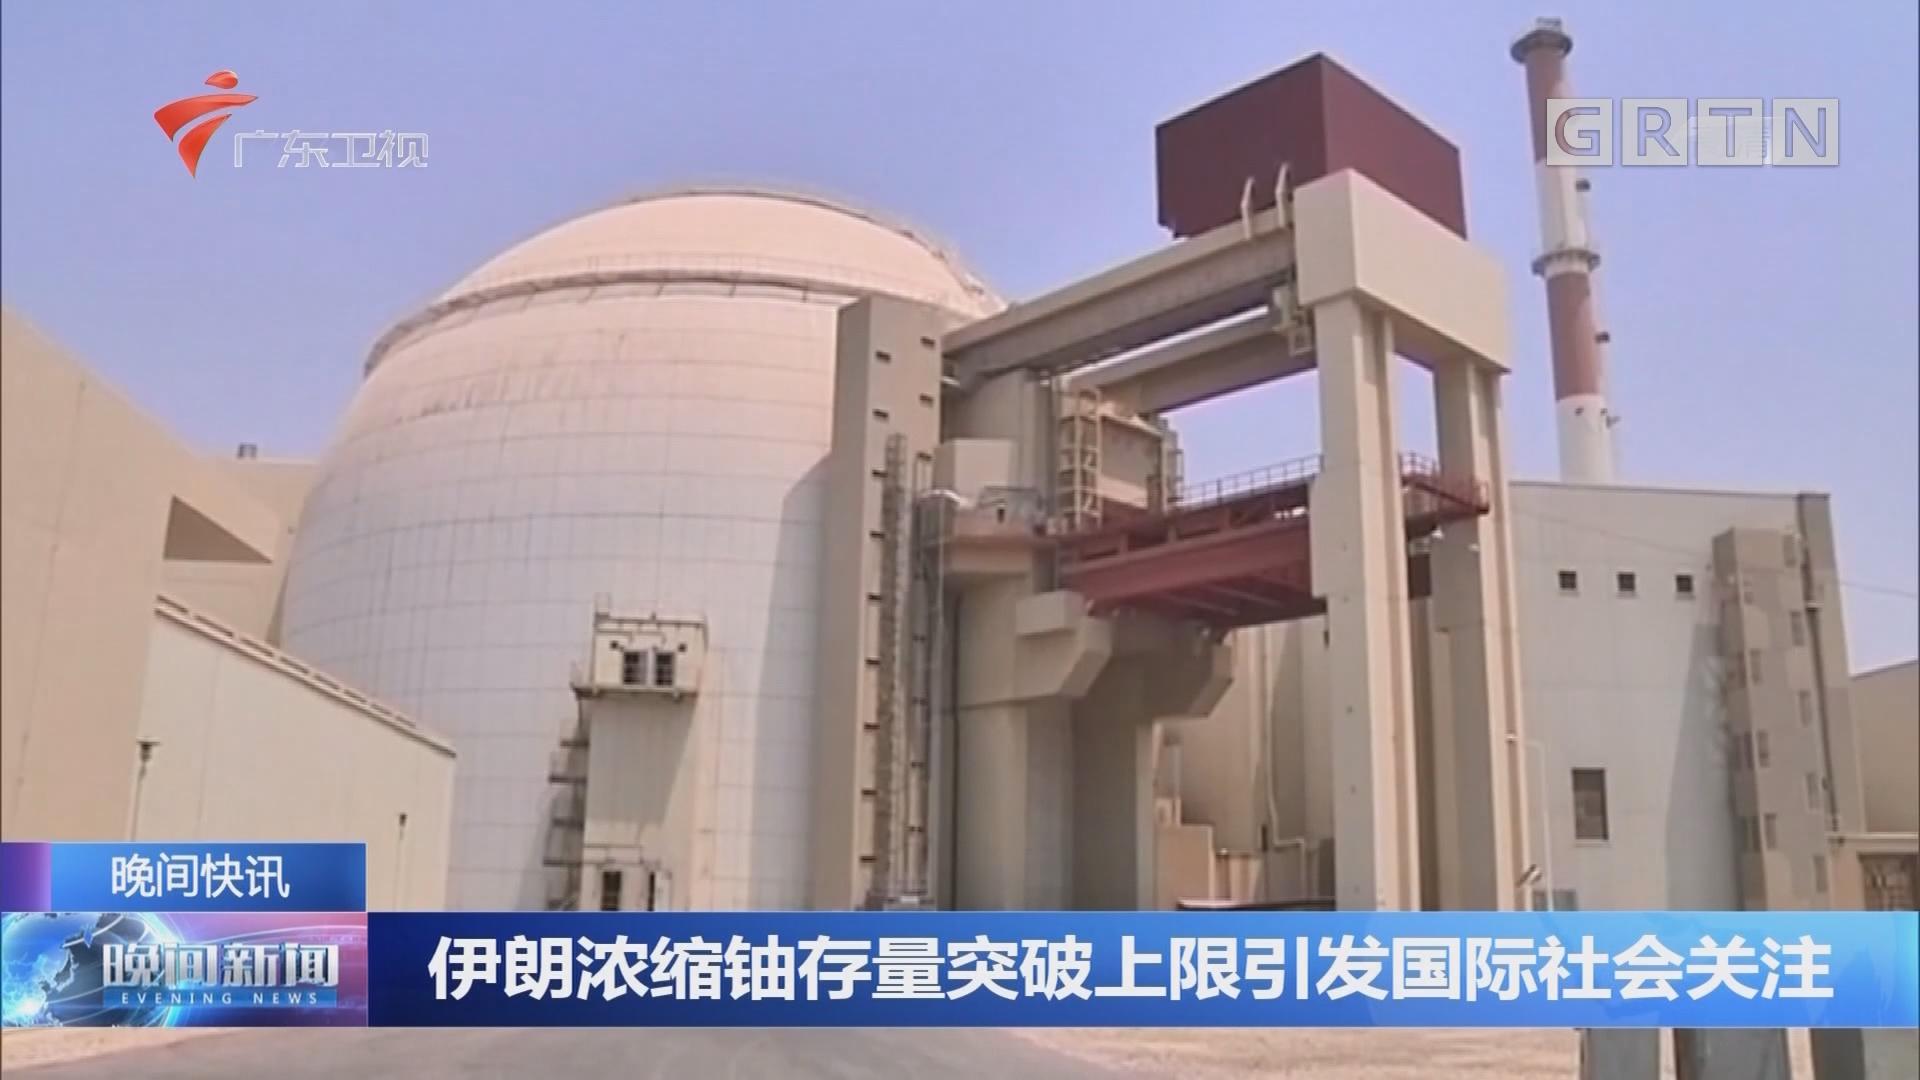 伊朗浓缩铀存量突破上限引发国际社会关注